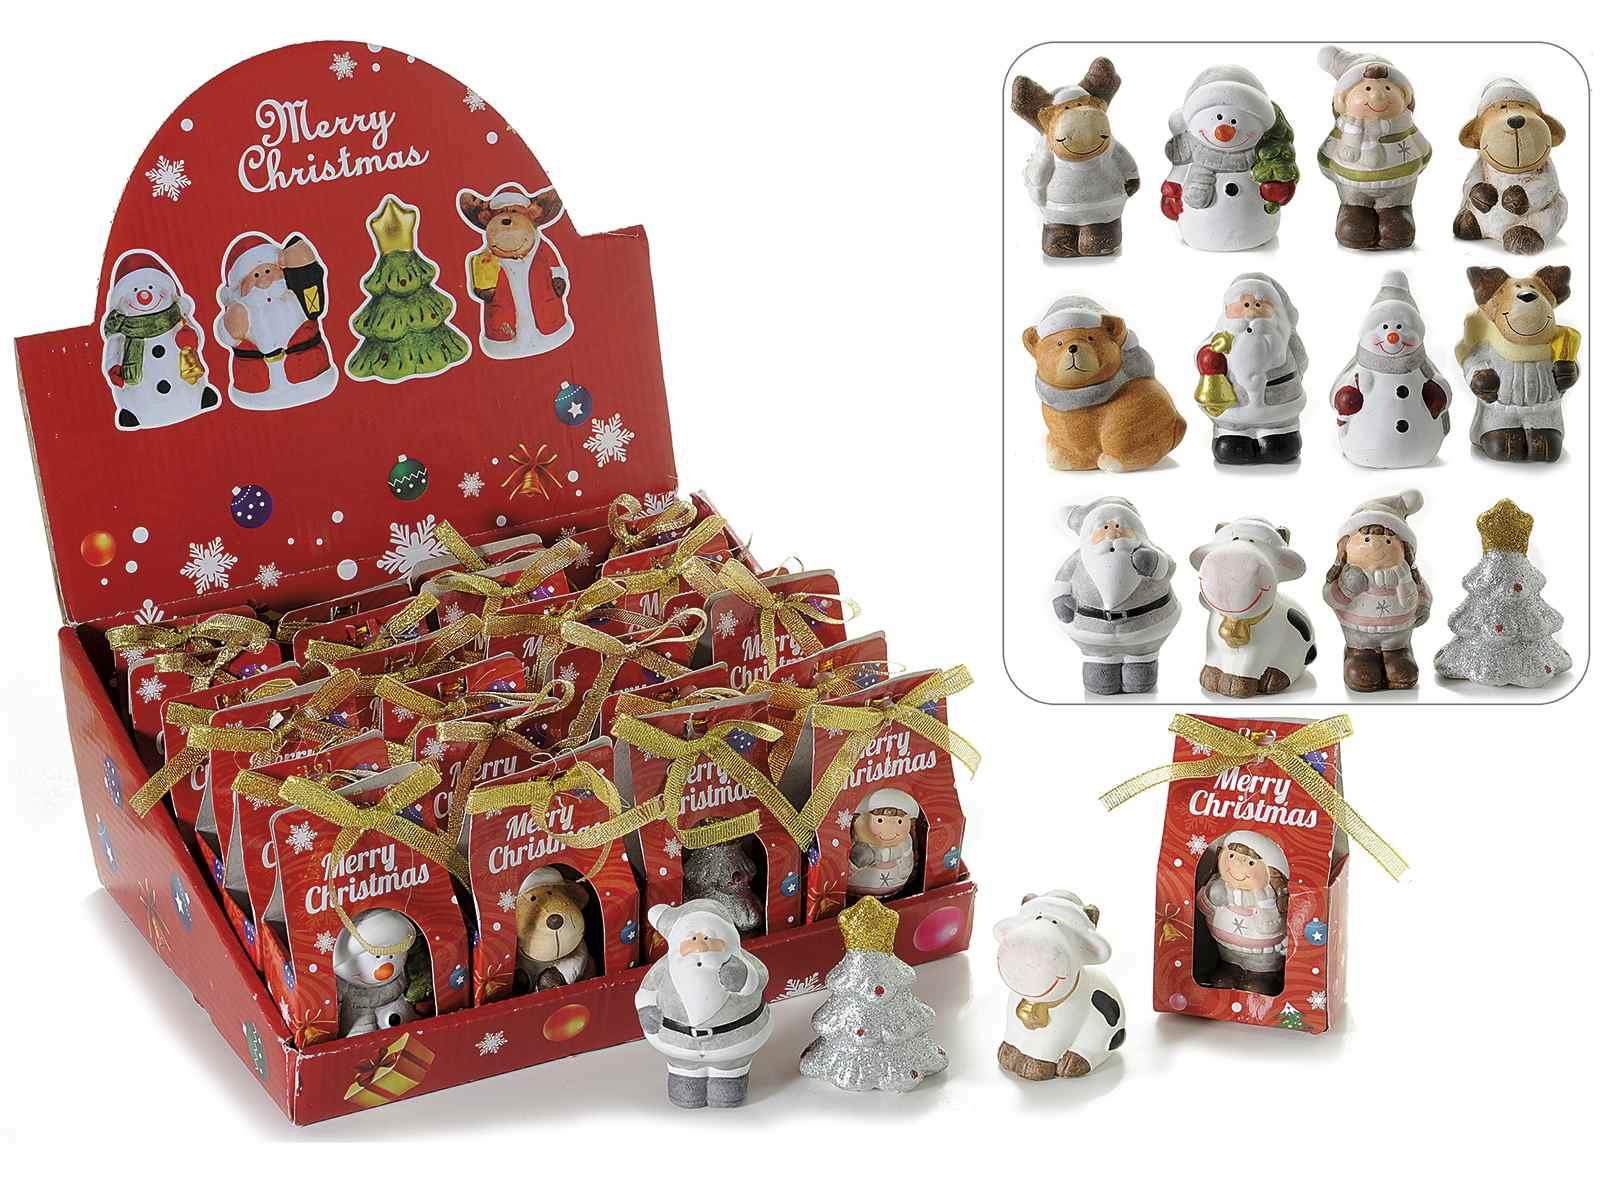 Weihnachten Themen in Keramik w / Geschenk Konfekt (71.27.85) - Art ...